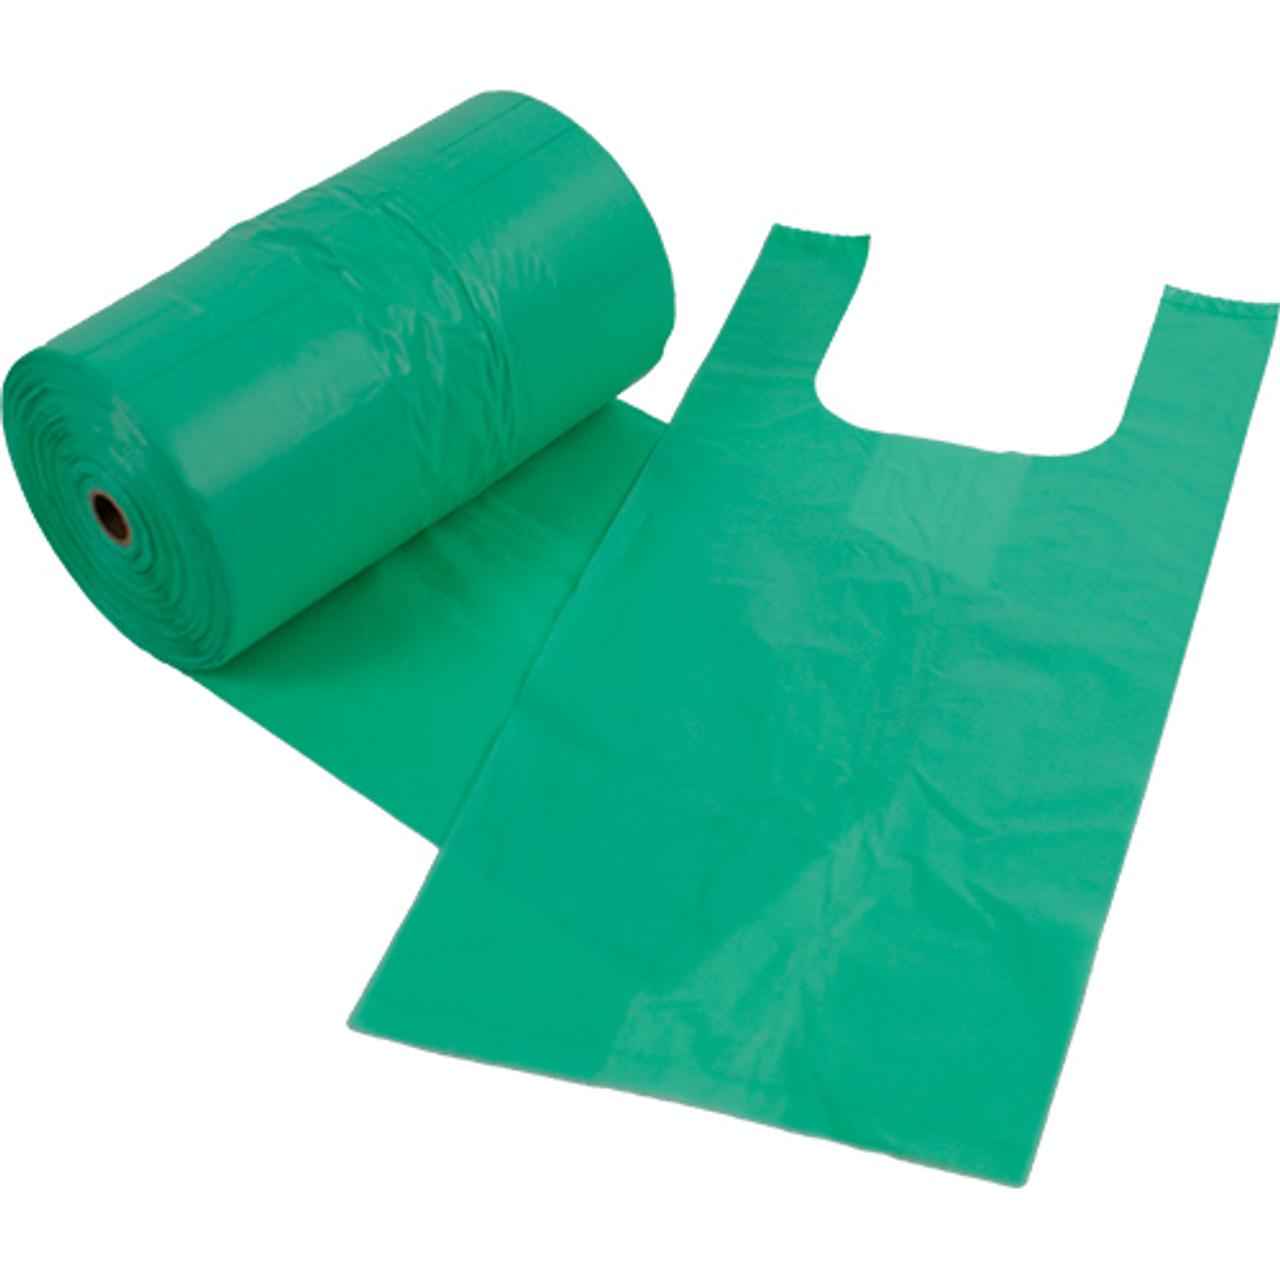 Tie-Handle Bags -Case of 2400